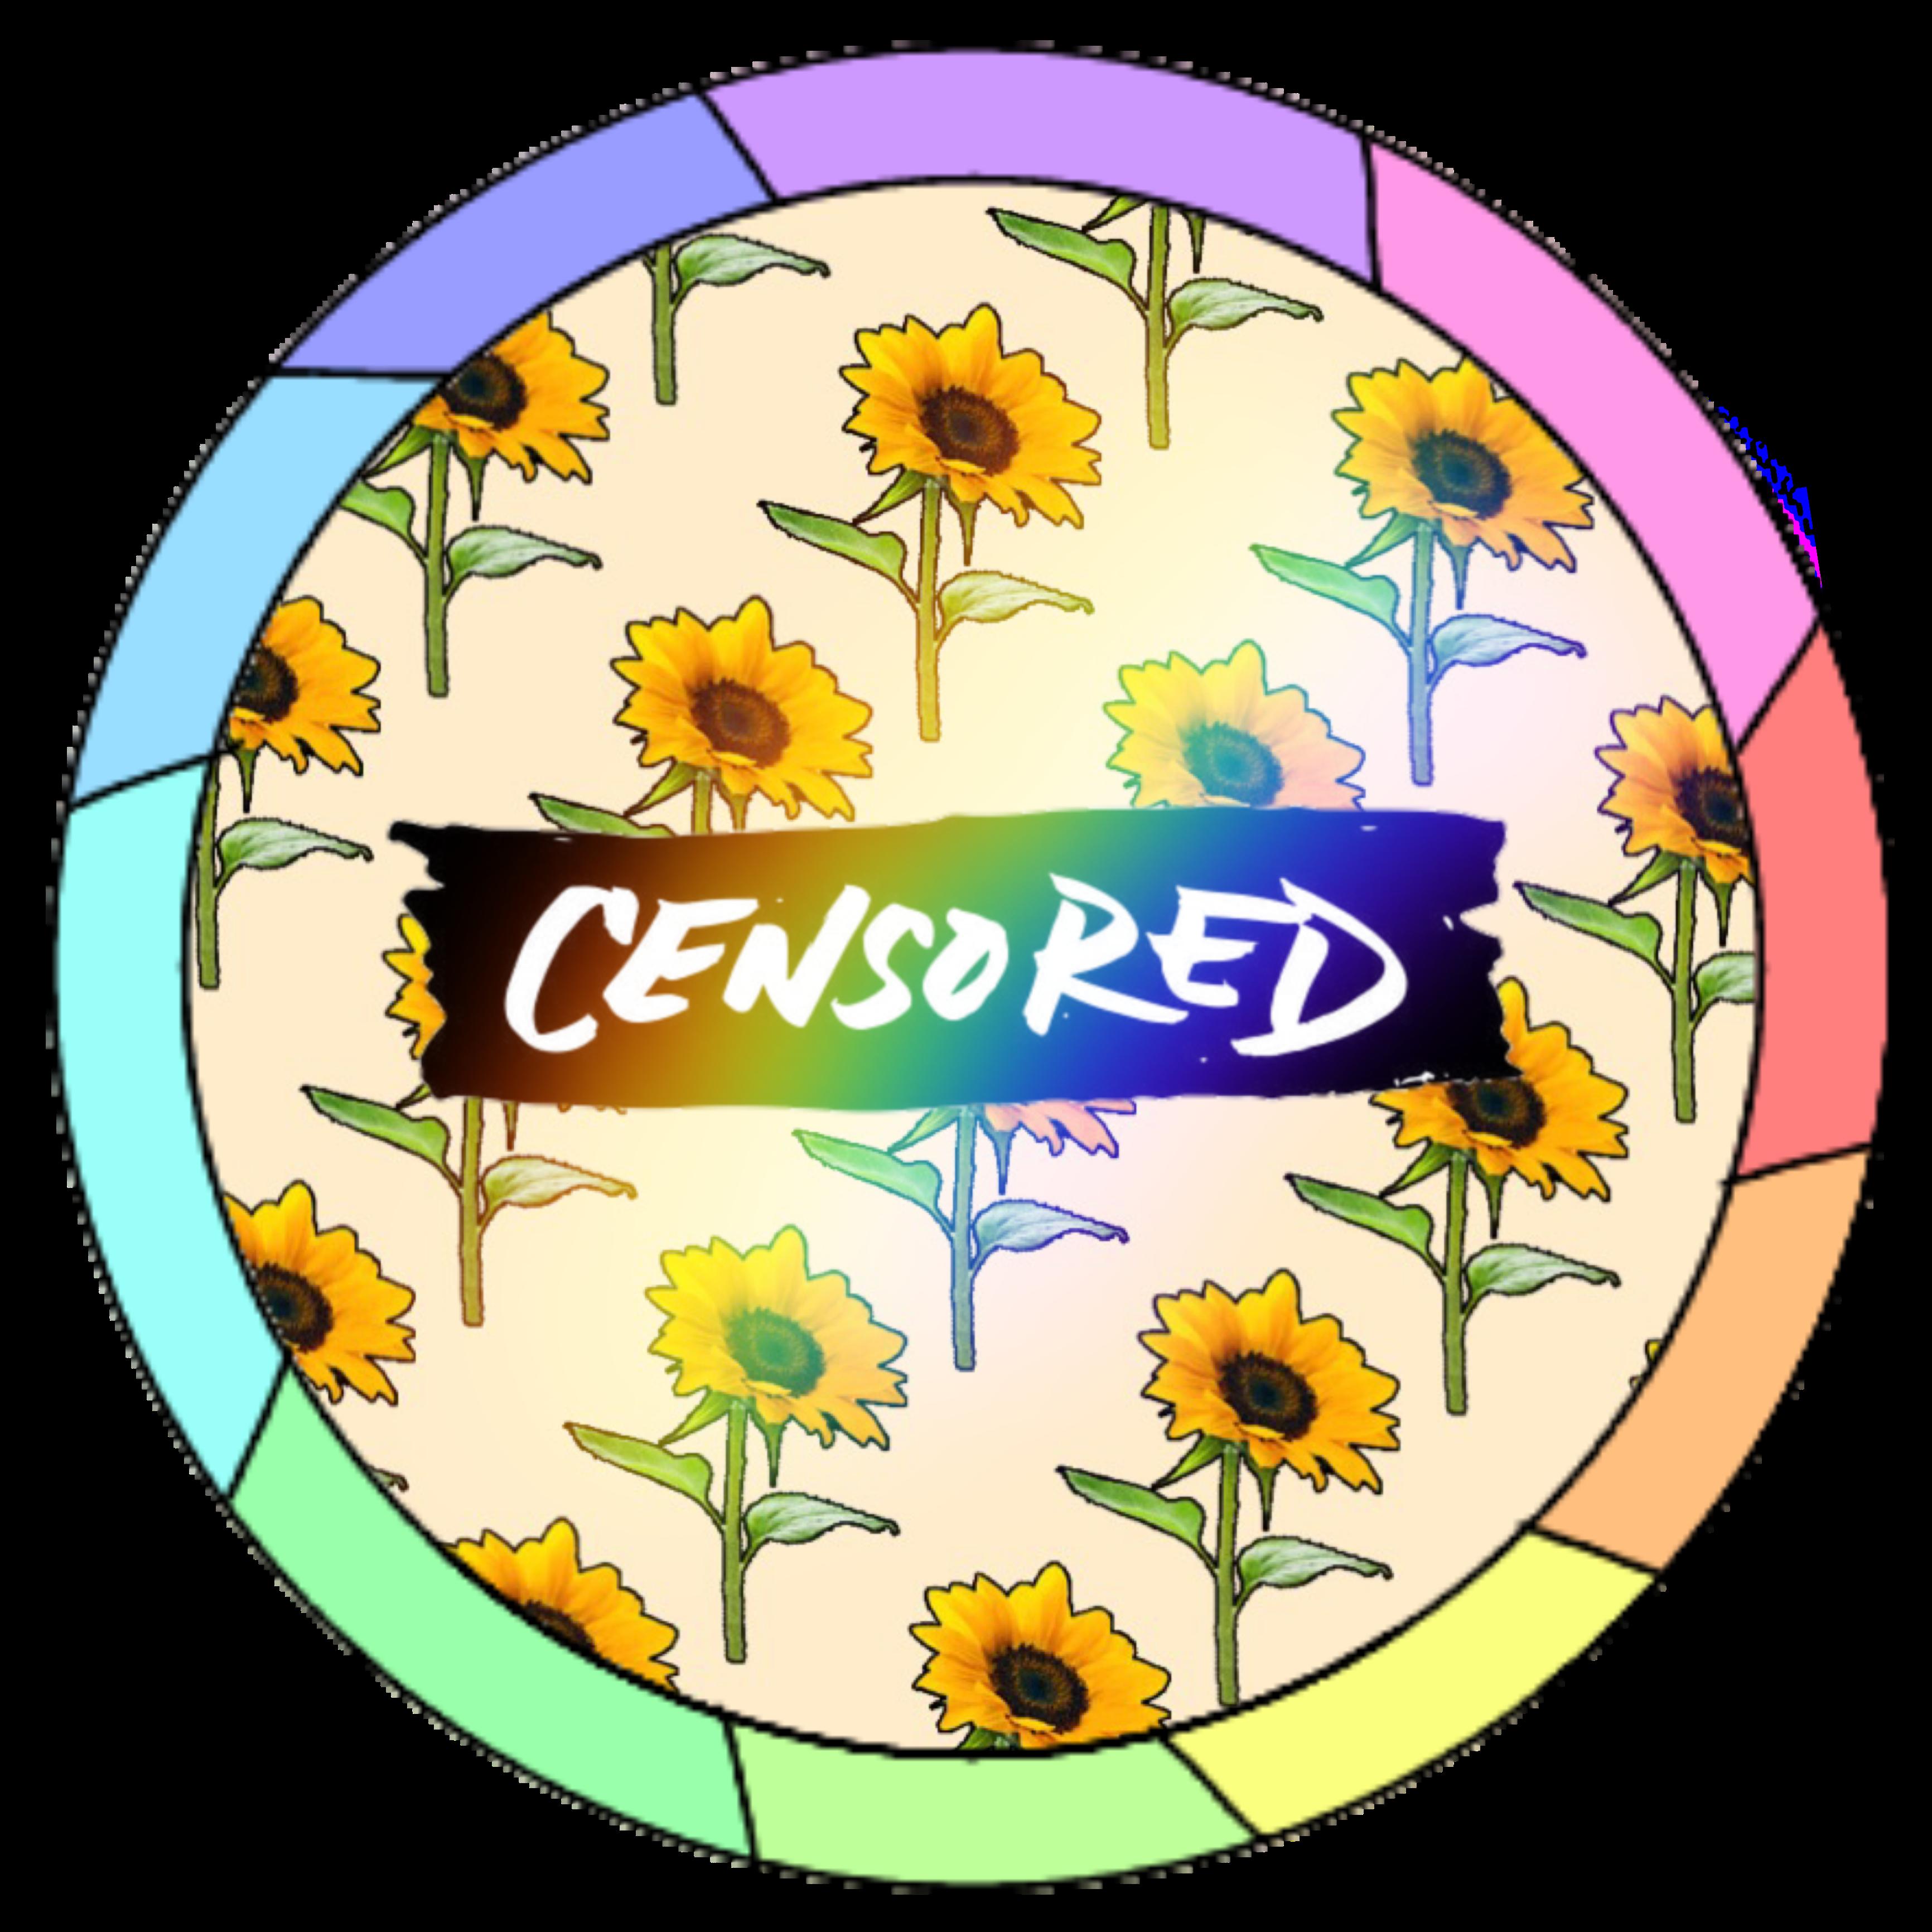 pfp profilepic discord - Sticker by NoNo Bear